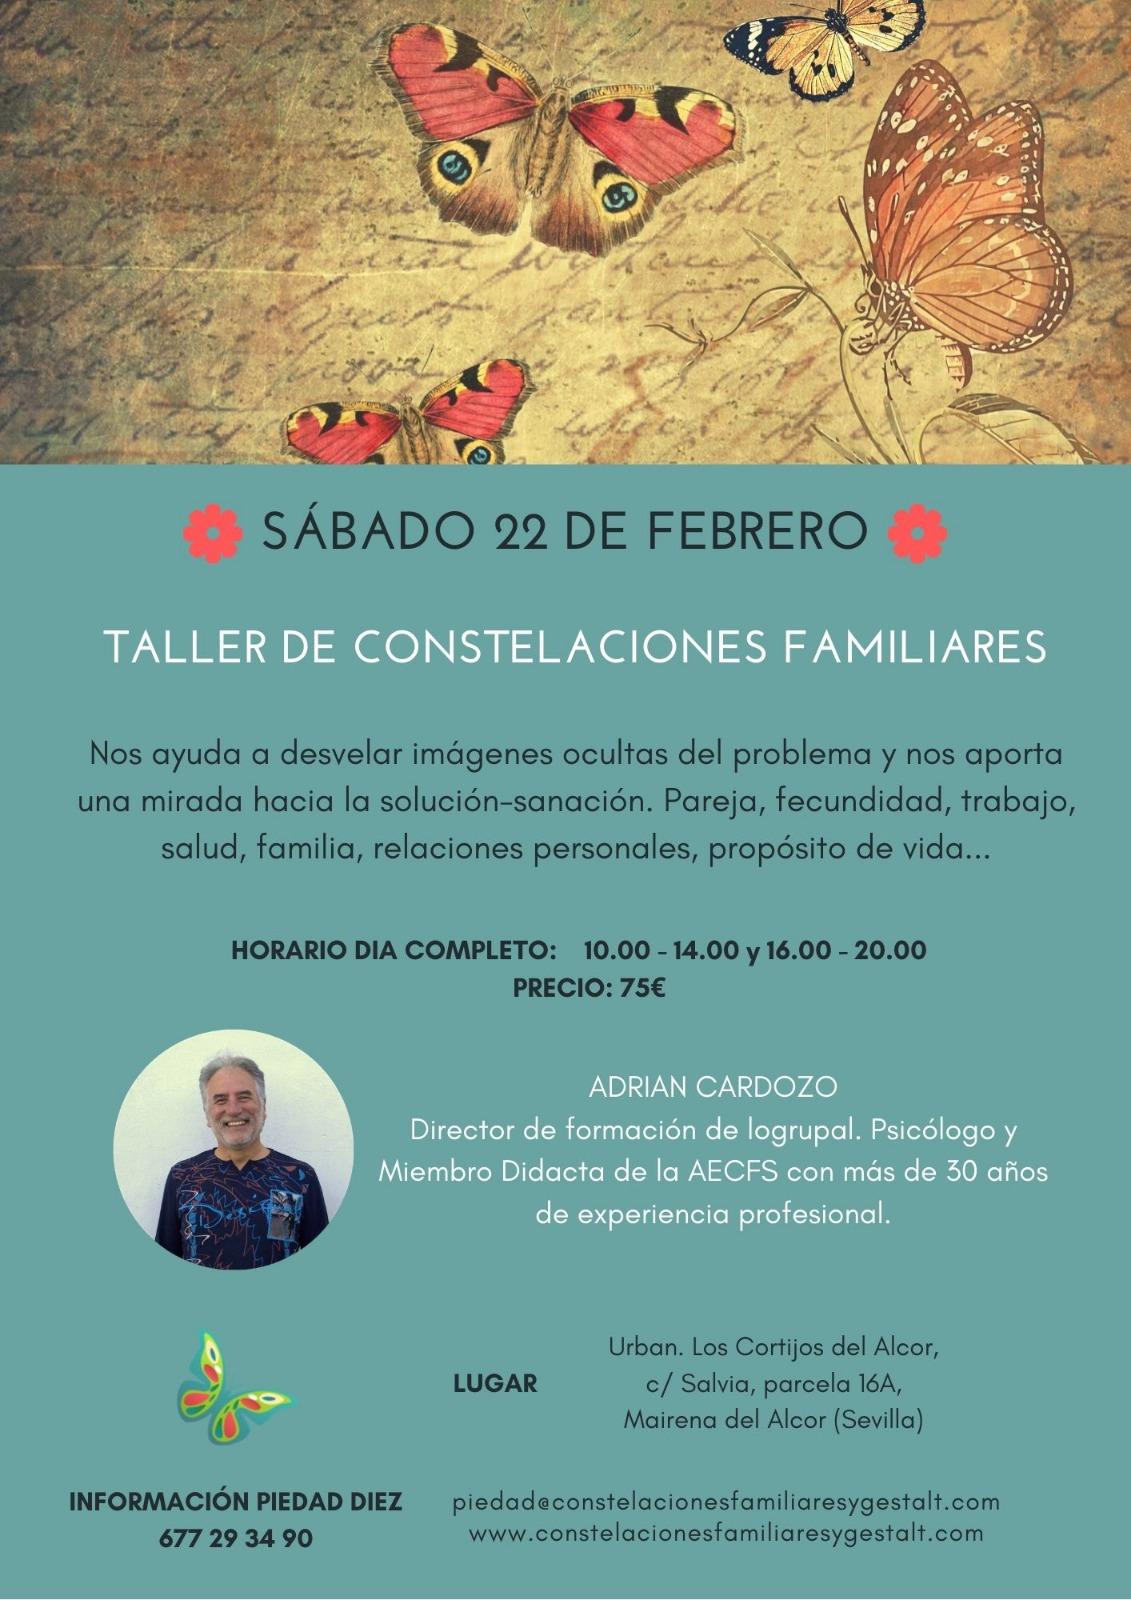 Taller de Constelaciones Familiares en Sevilla (21 de marzo)